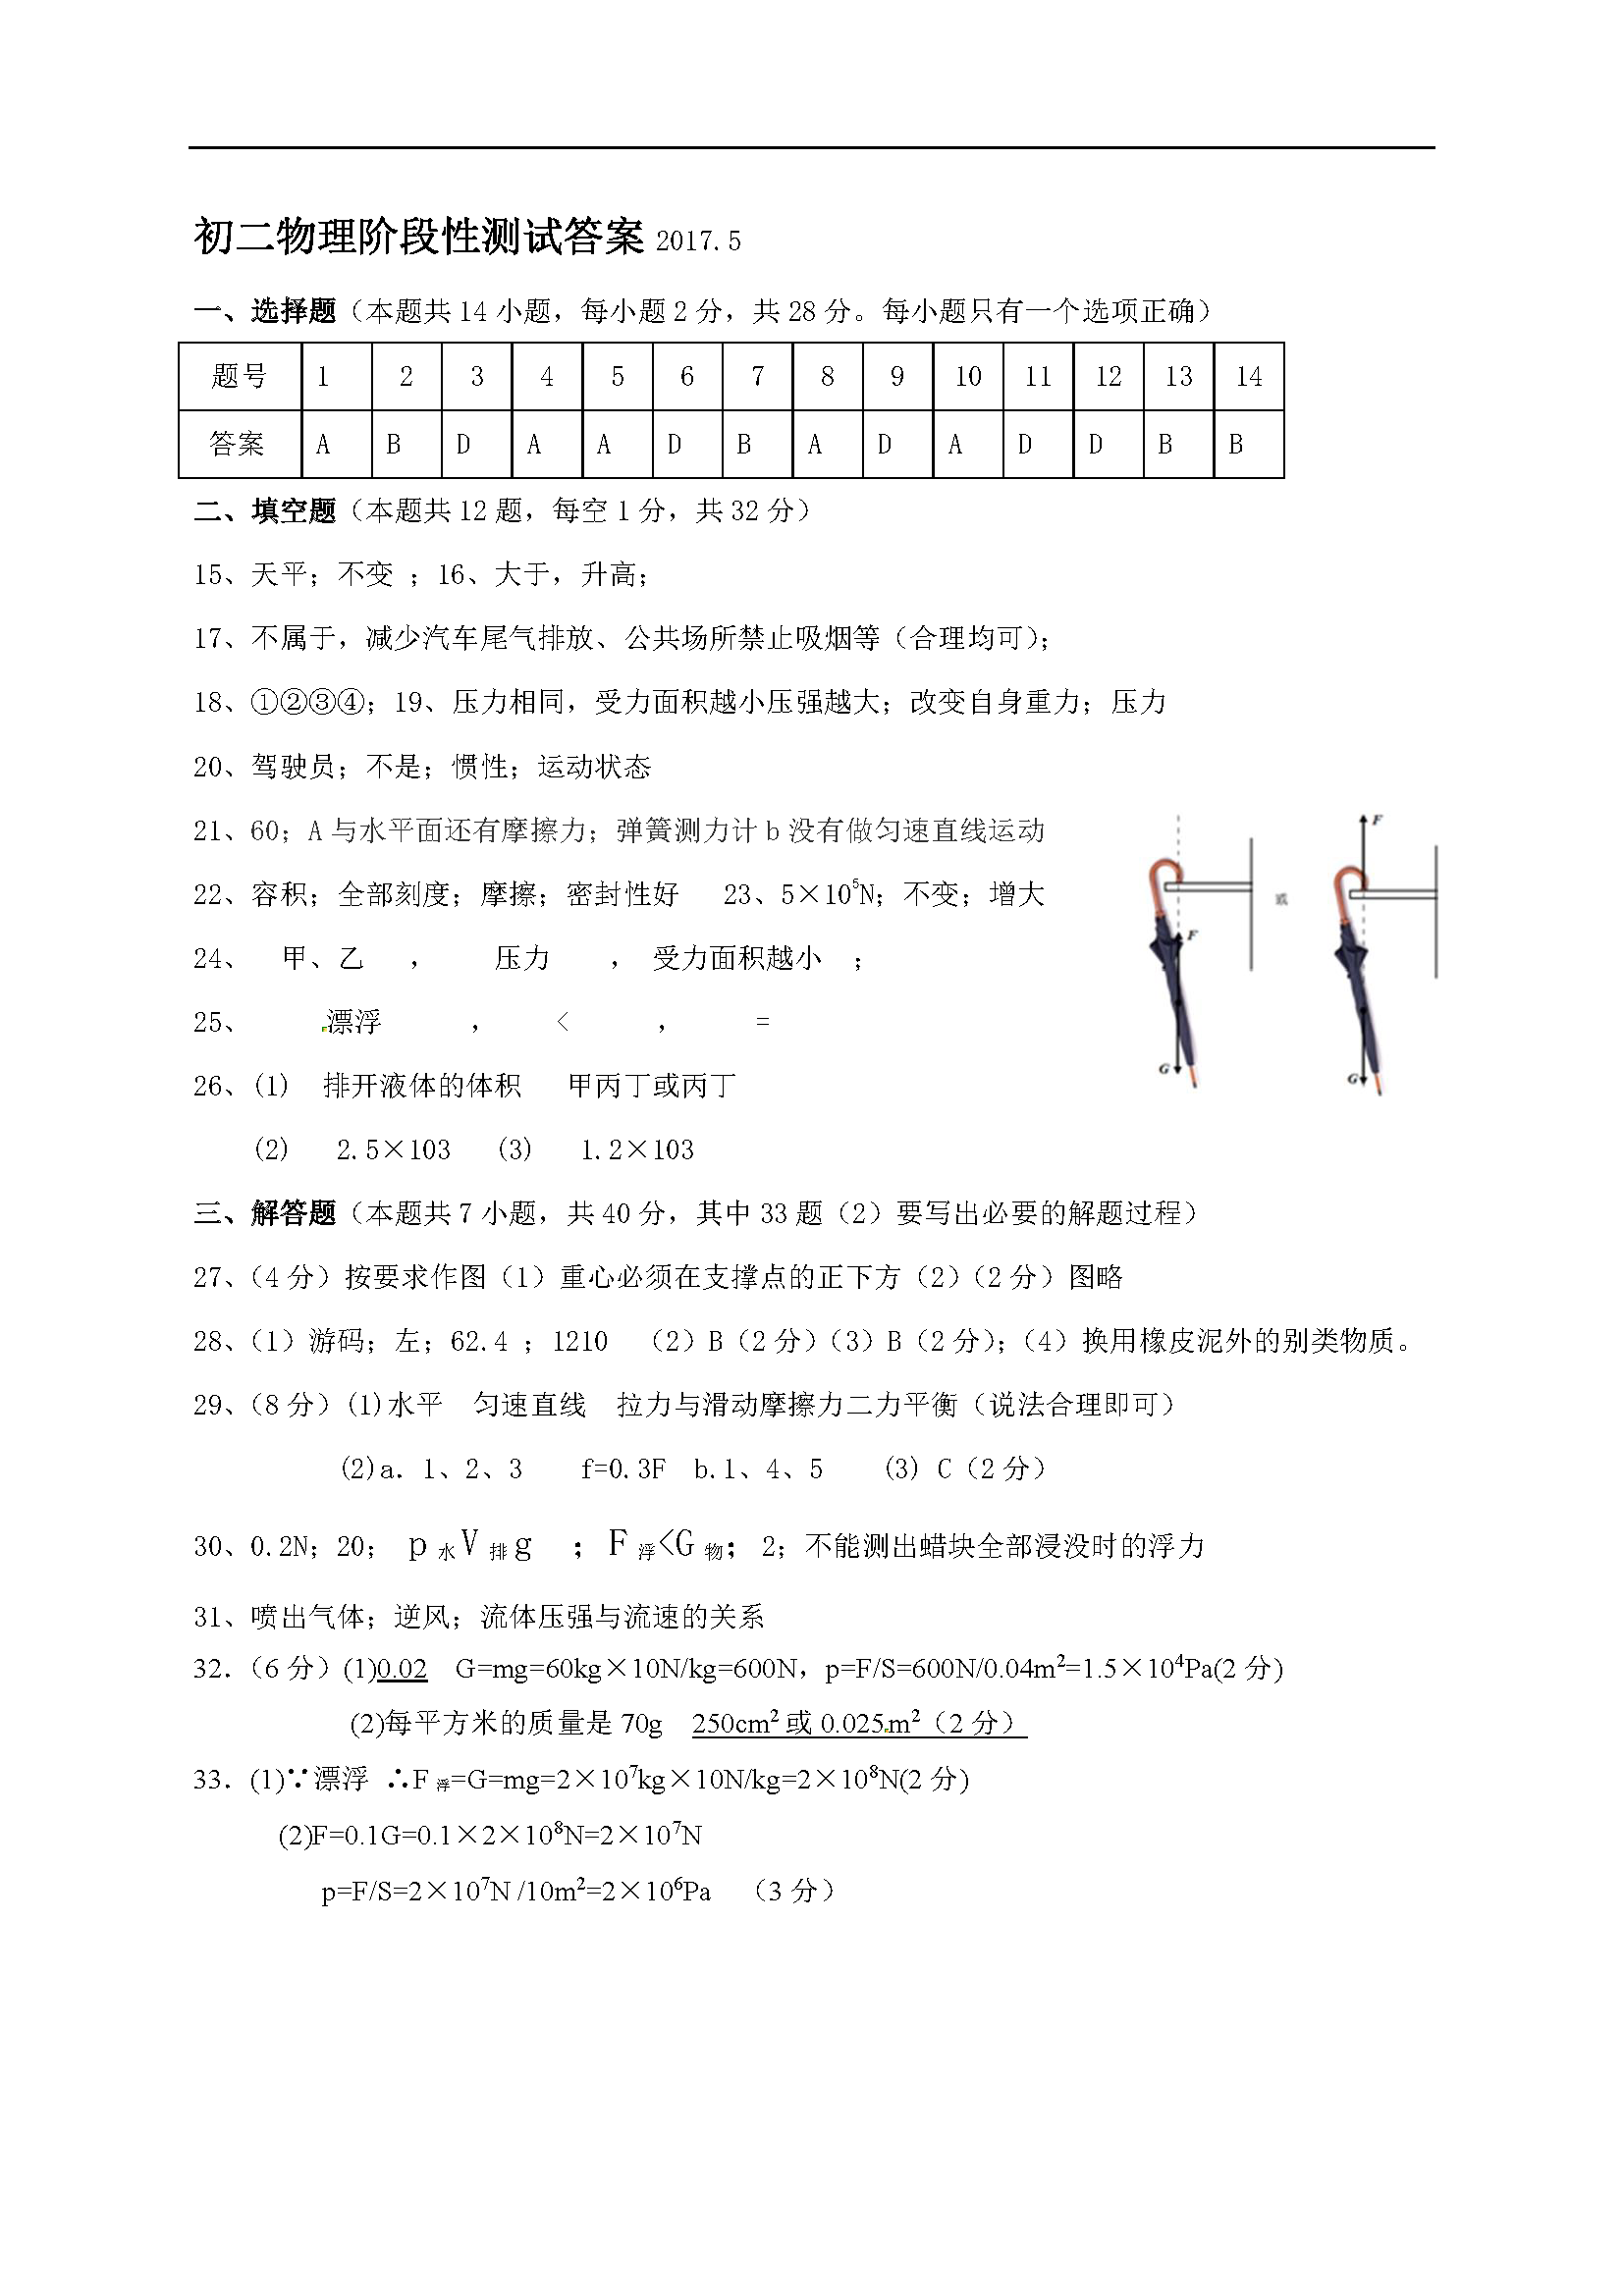 2017江苏无锡江阴周庄中学八年级5月月考物理试题答案(图片版)